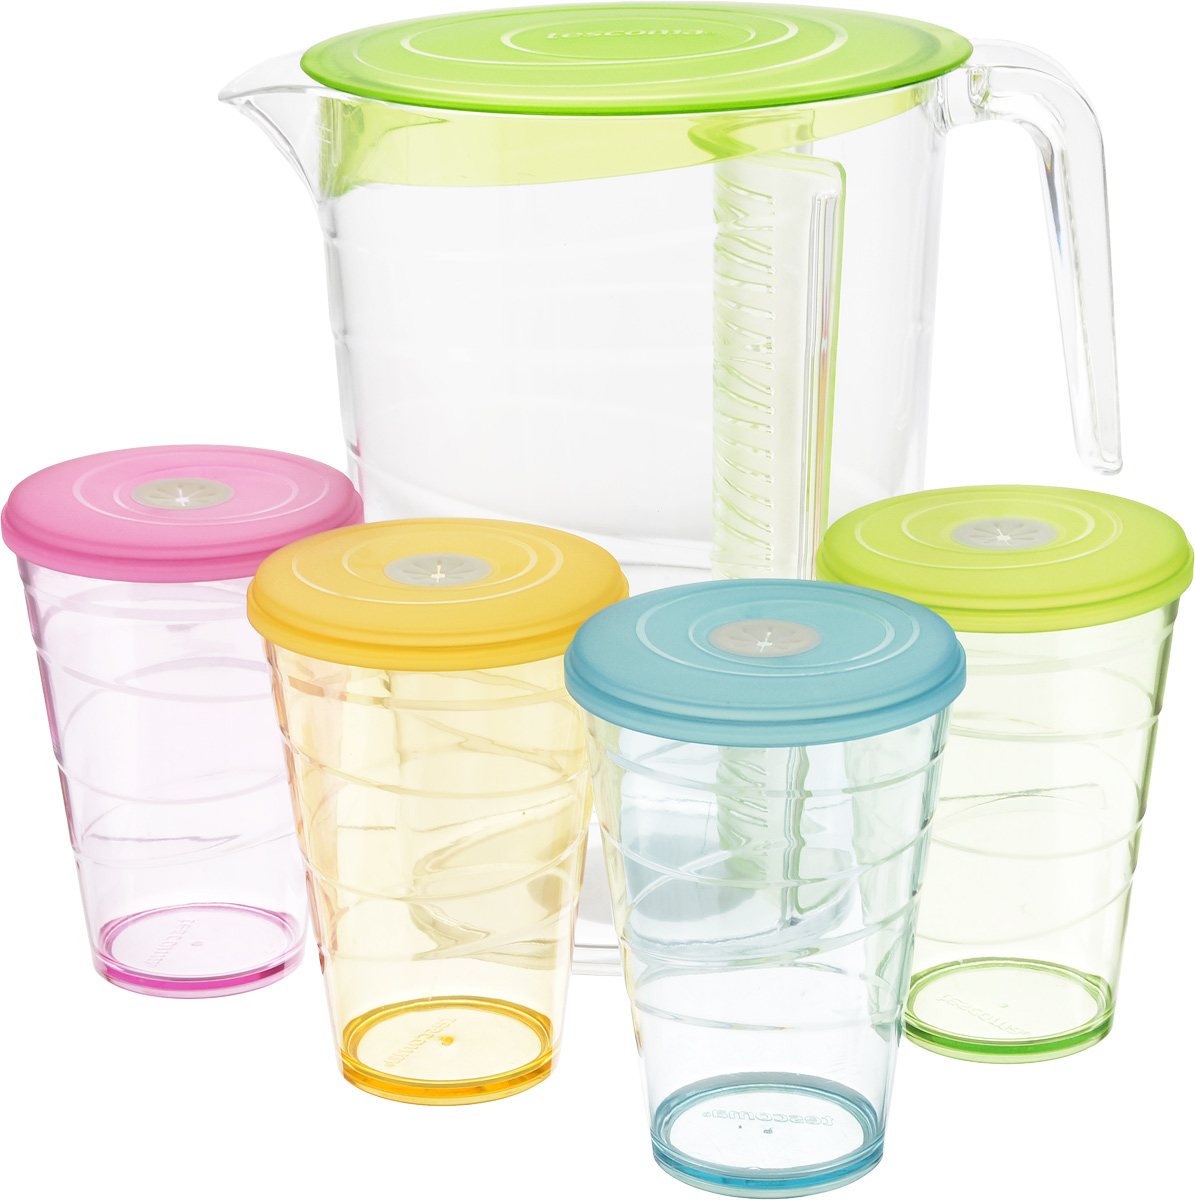 Набор питьевой Tescoma My Drink, цвет: зеленый, 9 предметовVT-1520(SR)Набор питьевой Tescoma My Drink - великолепное решение для летних прохладительных напитков! Набор состоит из кувшина и 4 стаканов. Для изготовления кувшина и стаканов используется первоклассный нетоксичный пластик, пригодный для долгосрочного контакта с пищевыми продуктами и не содержащий химических добавок.Кувшин оснащен специальной перегородкой для фруктов и листьев мяты, которая позволяет не допускать смешивания с основной жидкостью в кувшине. Это избавит вас от дополнительной фильтрации лимонада. Перегородку удобно снимать и чистить.В комплект входят 4 стакана разного цвета, каждый из которых оснащен крышкой с гибким отверстием для соломинки.Можно мыть в посудомоечной машине на щадящих программах, выдерживает температуру до 60°С.Размер кувшина (по верхнему краю): 12 х 18 см.Высота кувшина: 23 см.Объем кувшина: 2,5 л.Диаметр стакана (по верхнему краю): 8,5 см.Высота стакана: 12 см.Объем стакана: 400 мл.